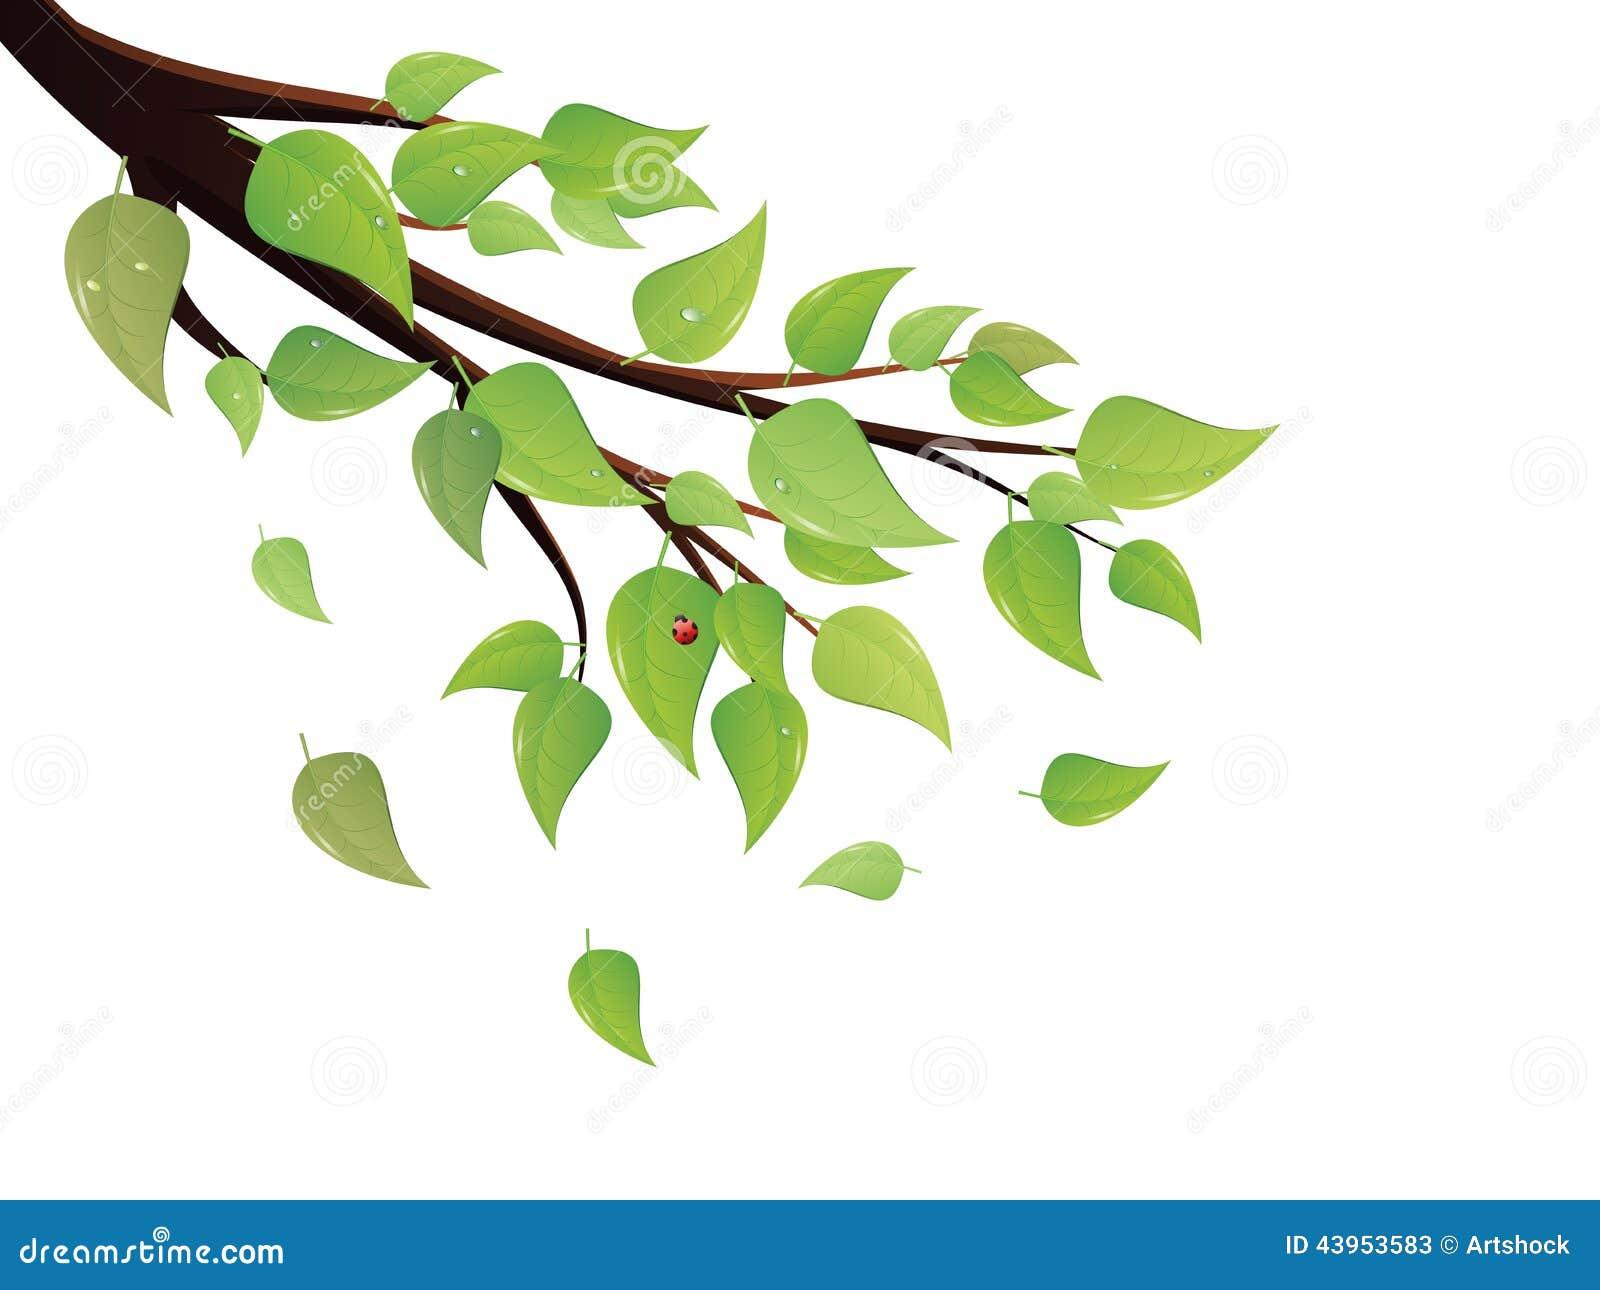 Arbol Con Ramas Animado: El Verde Deja La Rama De árbol Ilustración Del Vector